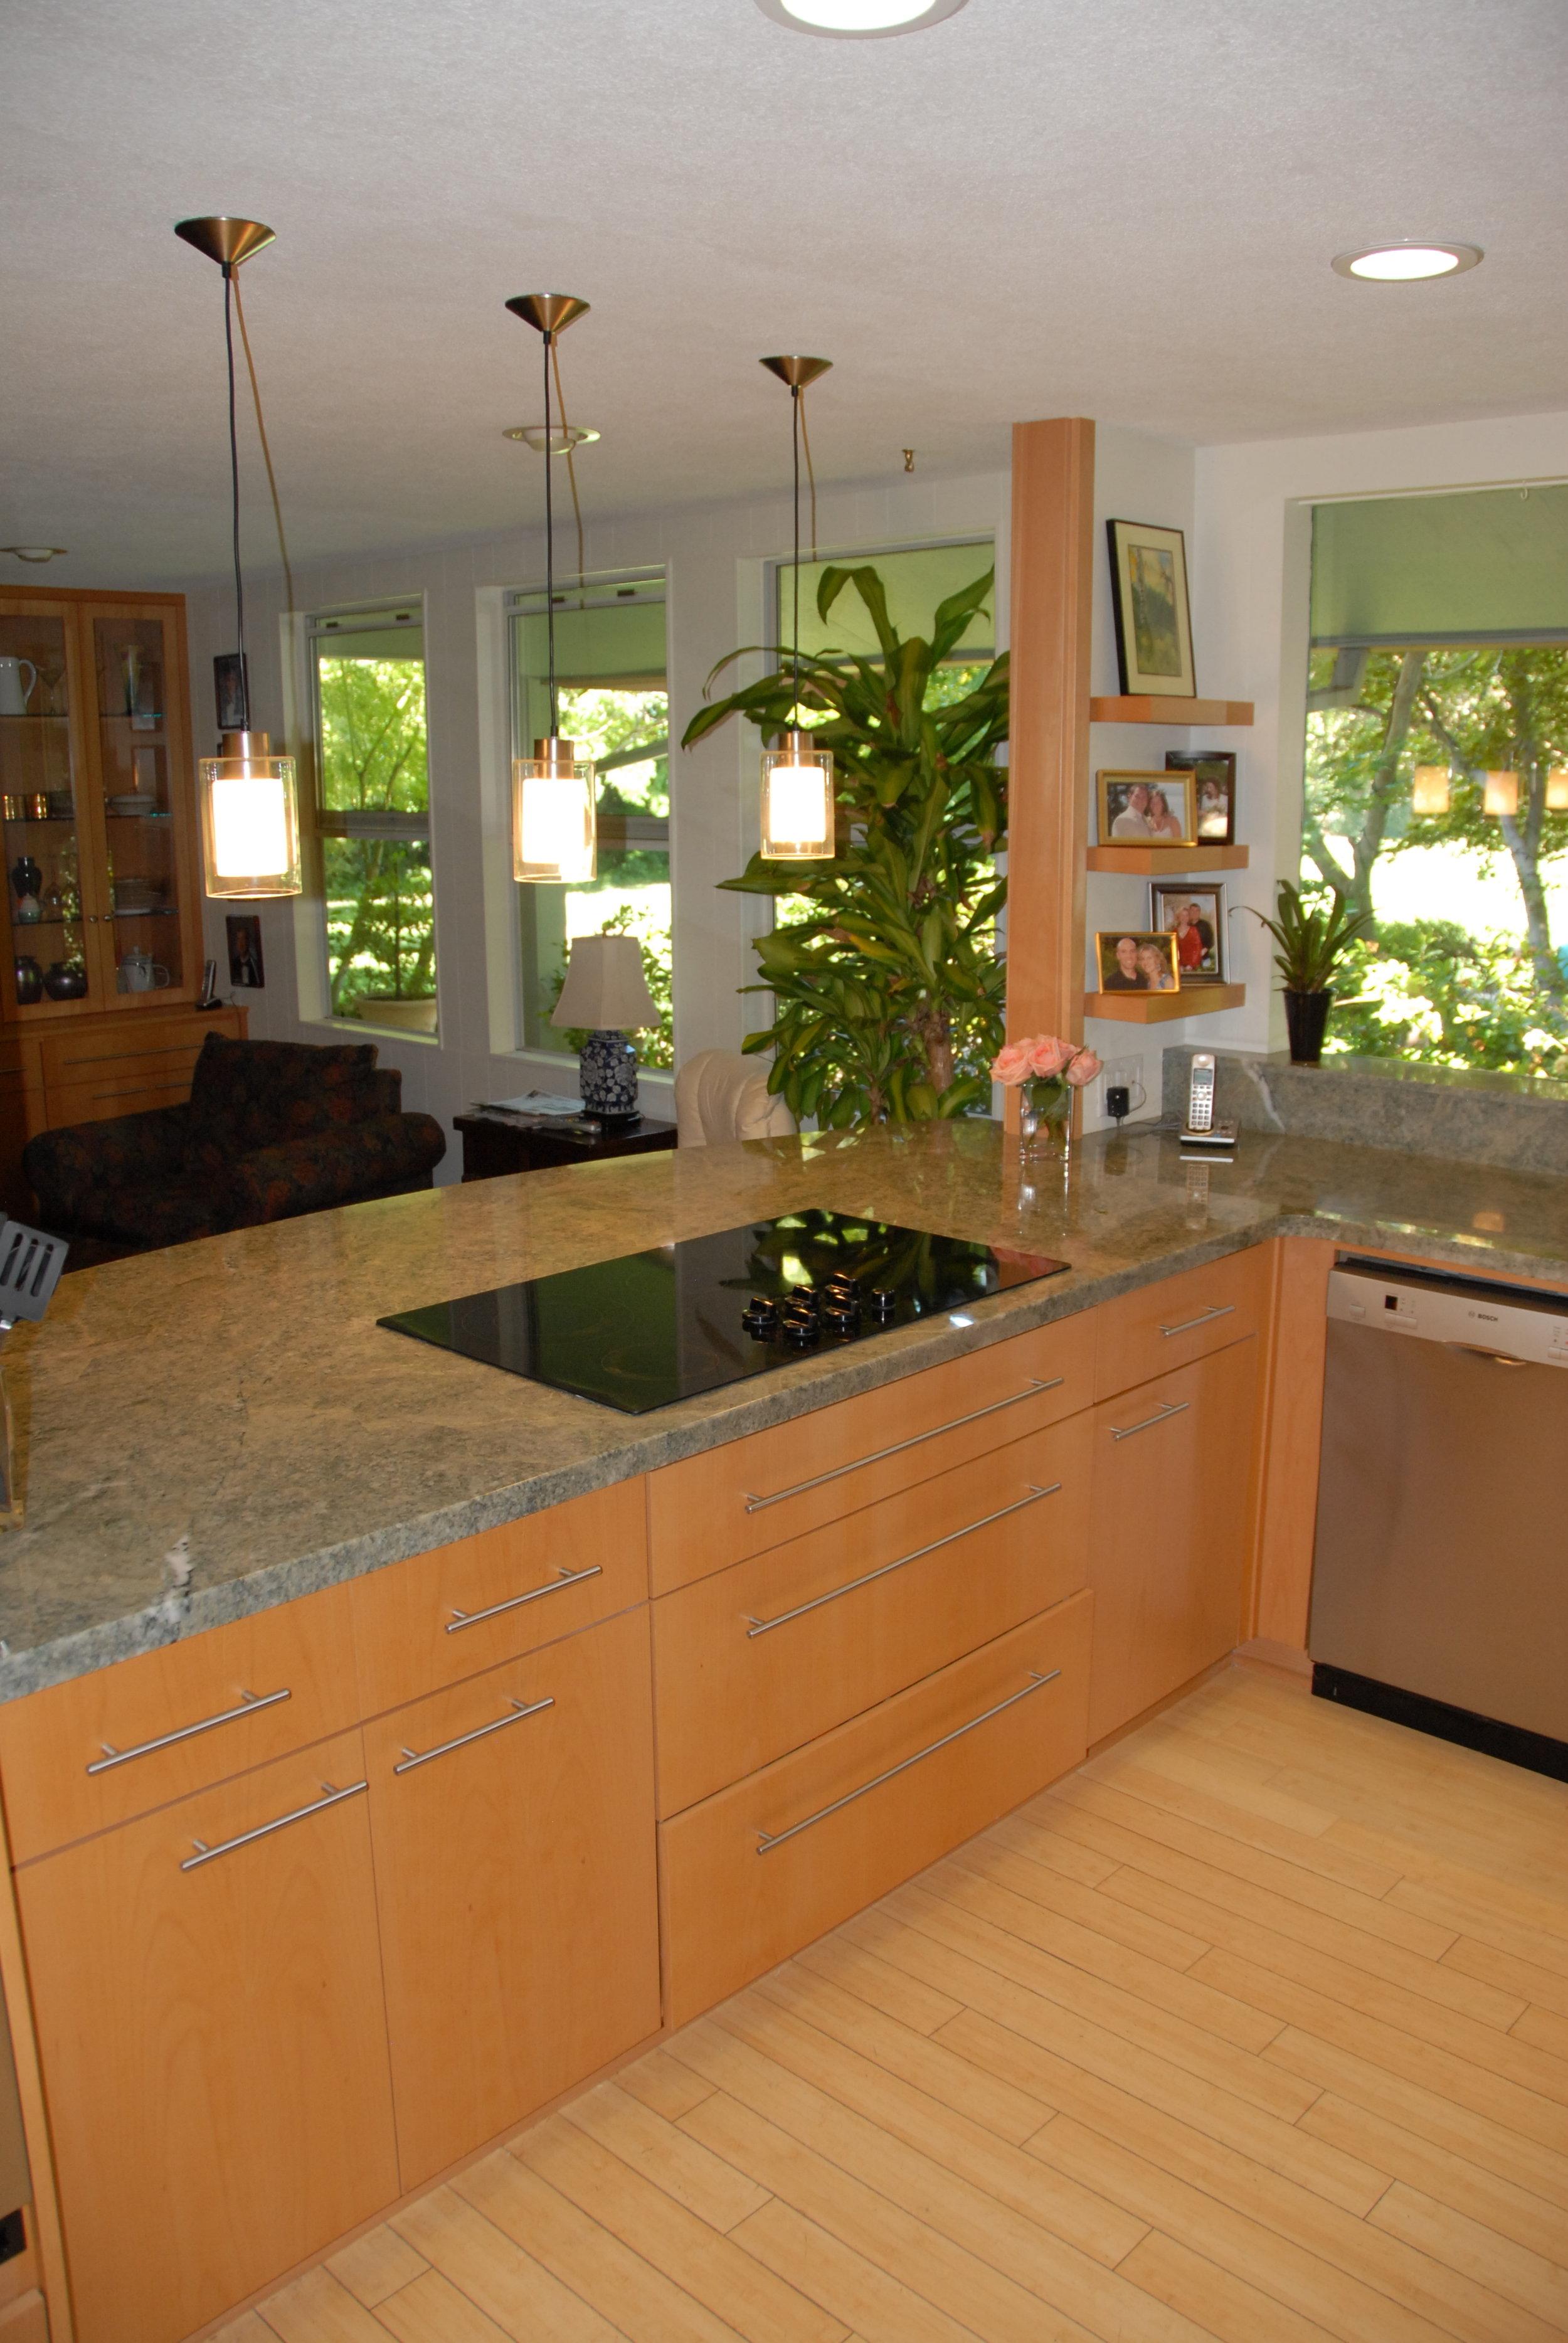 Mid Century Modern Kitchen Remodel in Chico, CA